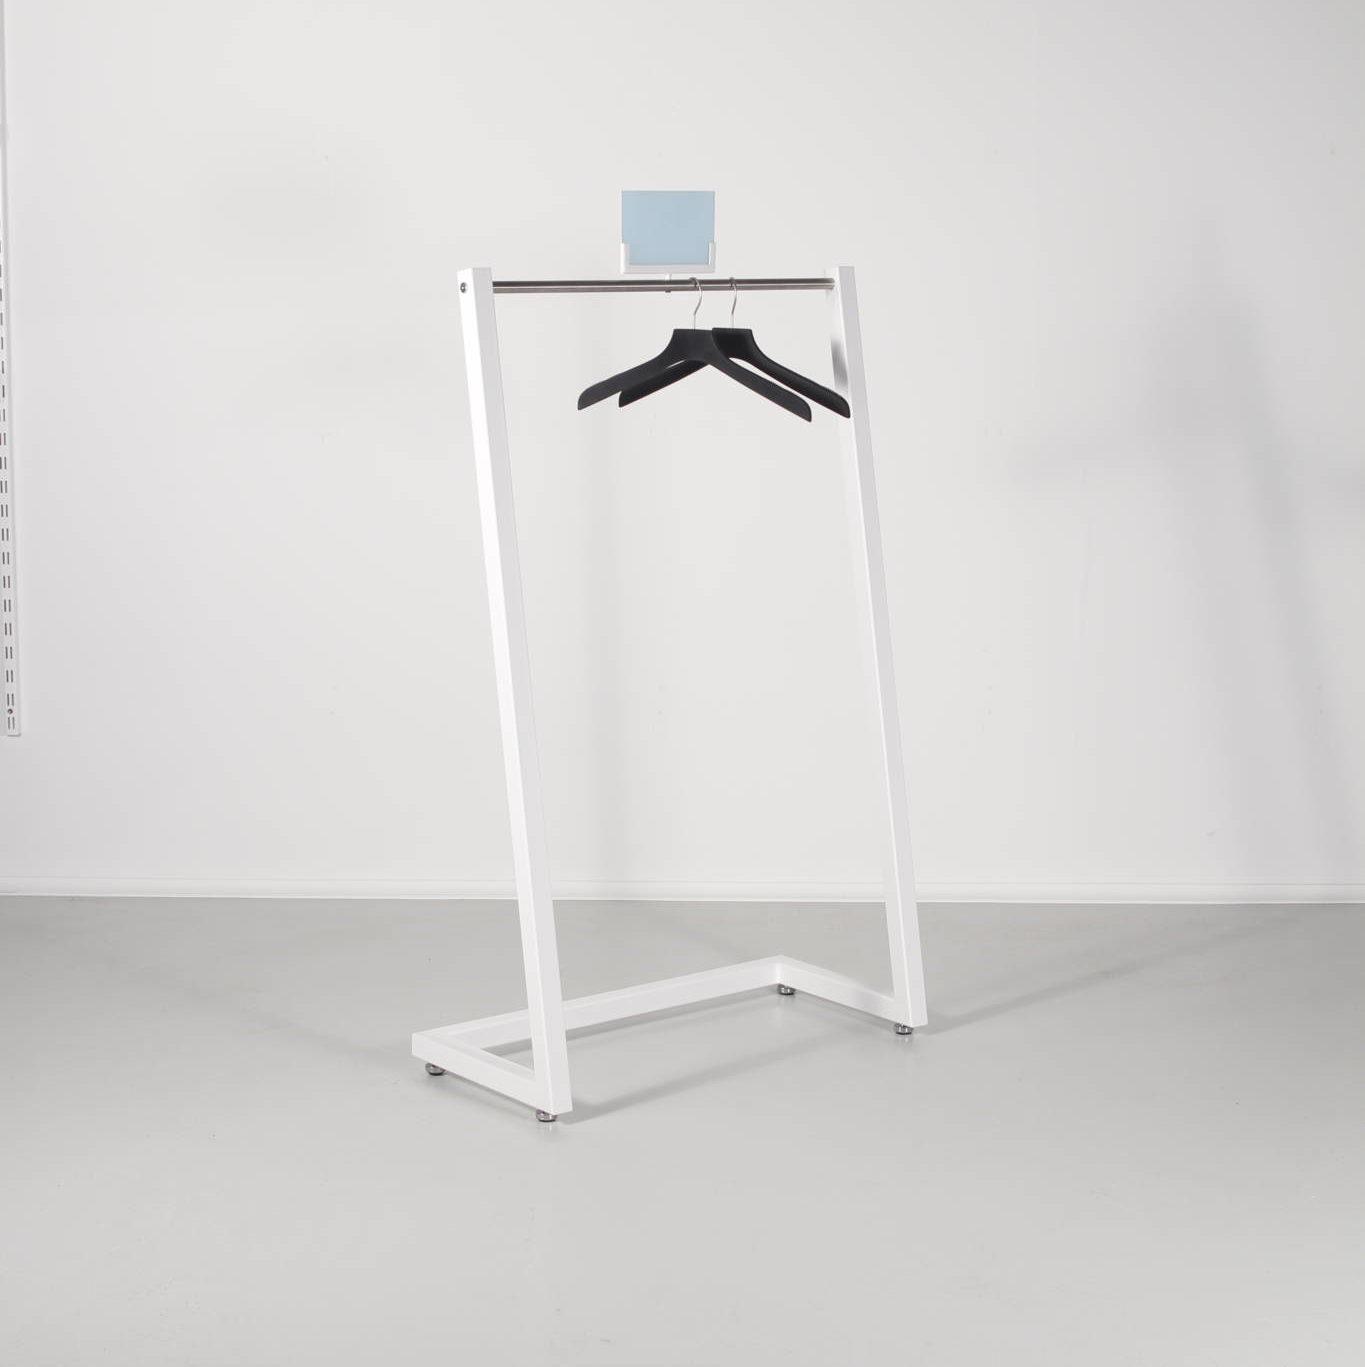 Tøjstativ med skrå vinkel - flot design